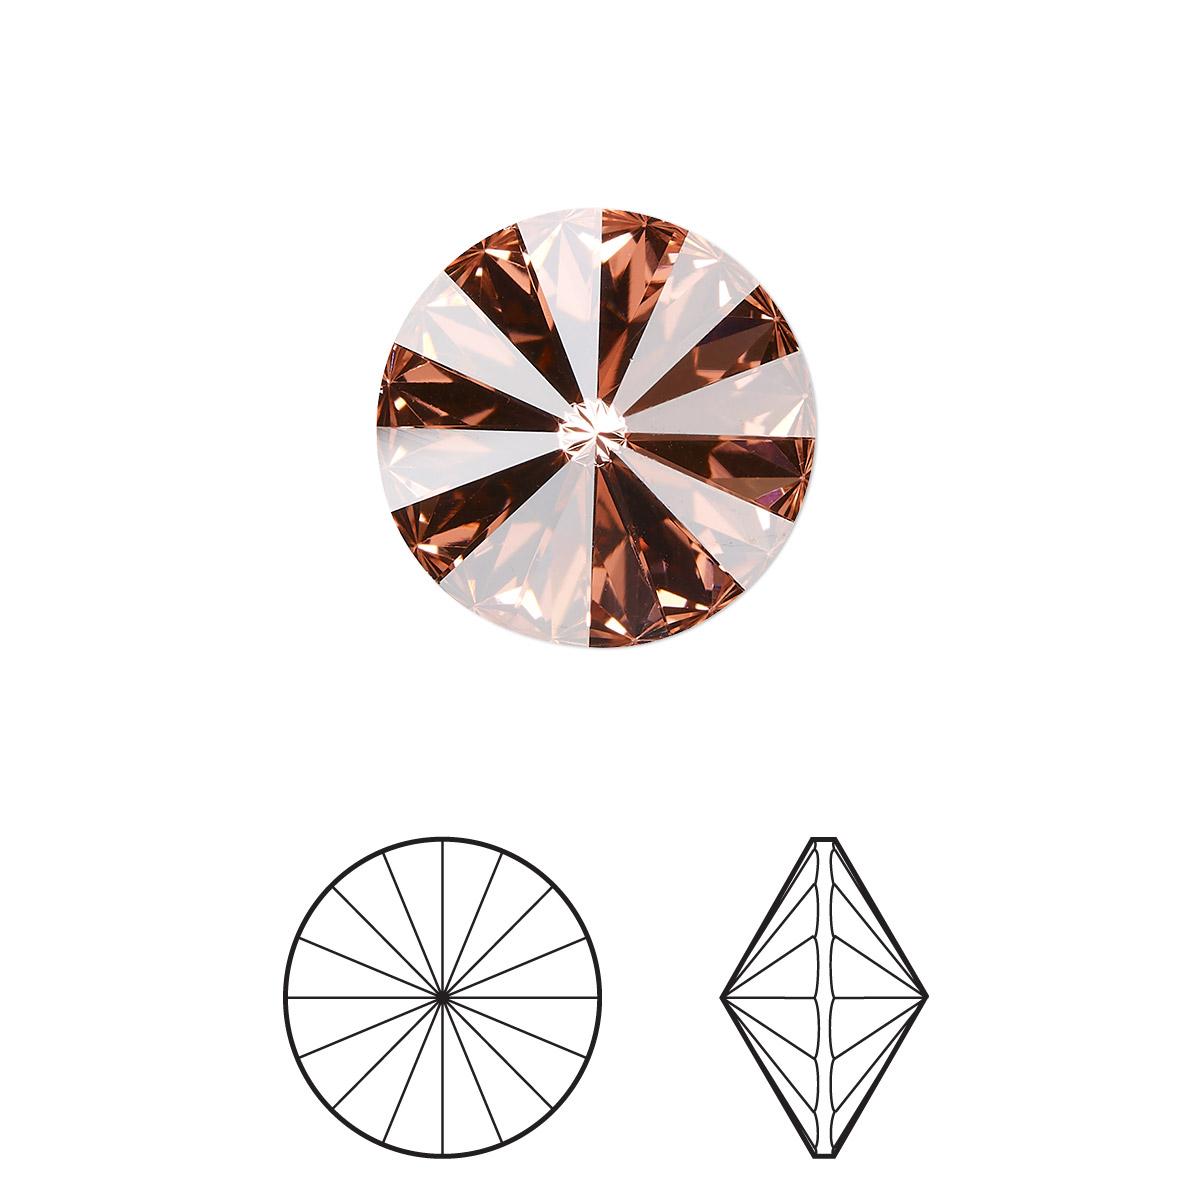 dcaf9b7795a79 Chaton, Swarovski® crystal rhinestone, rose peach, foil back, 14mm ...